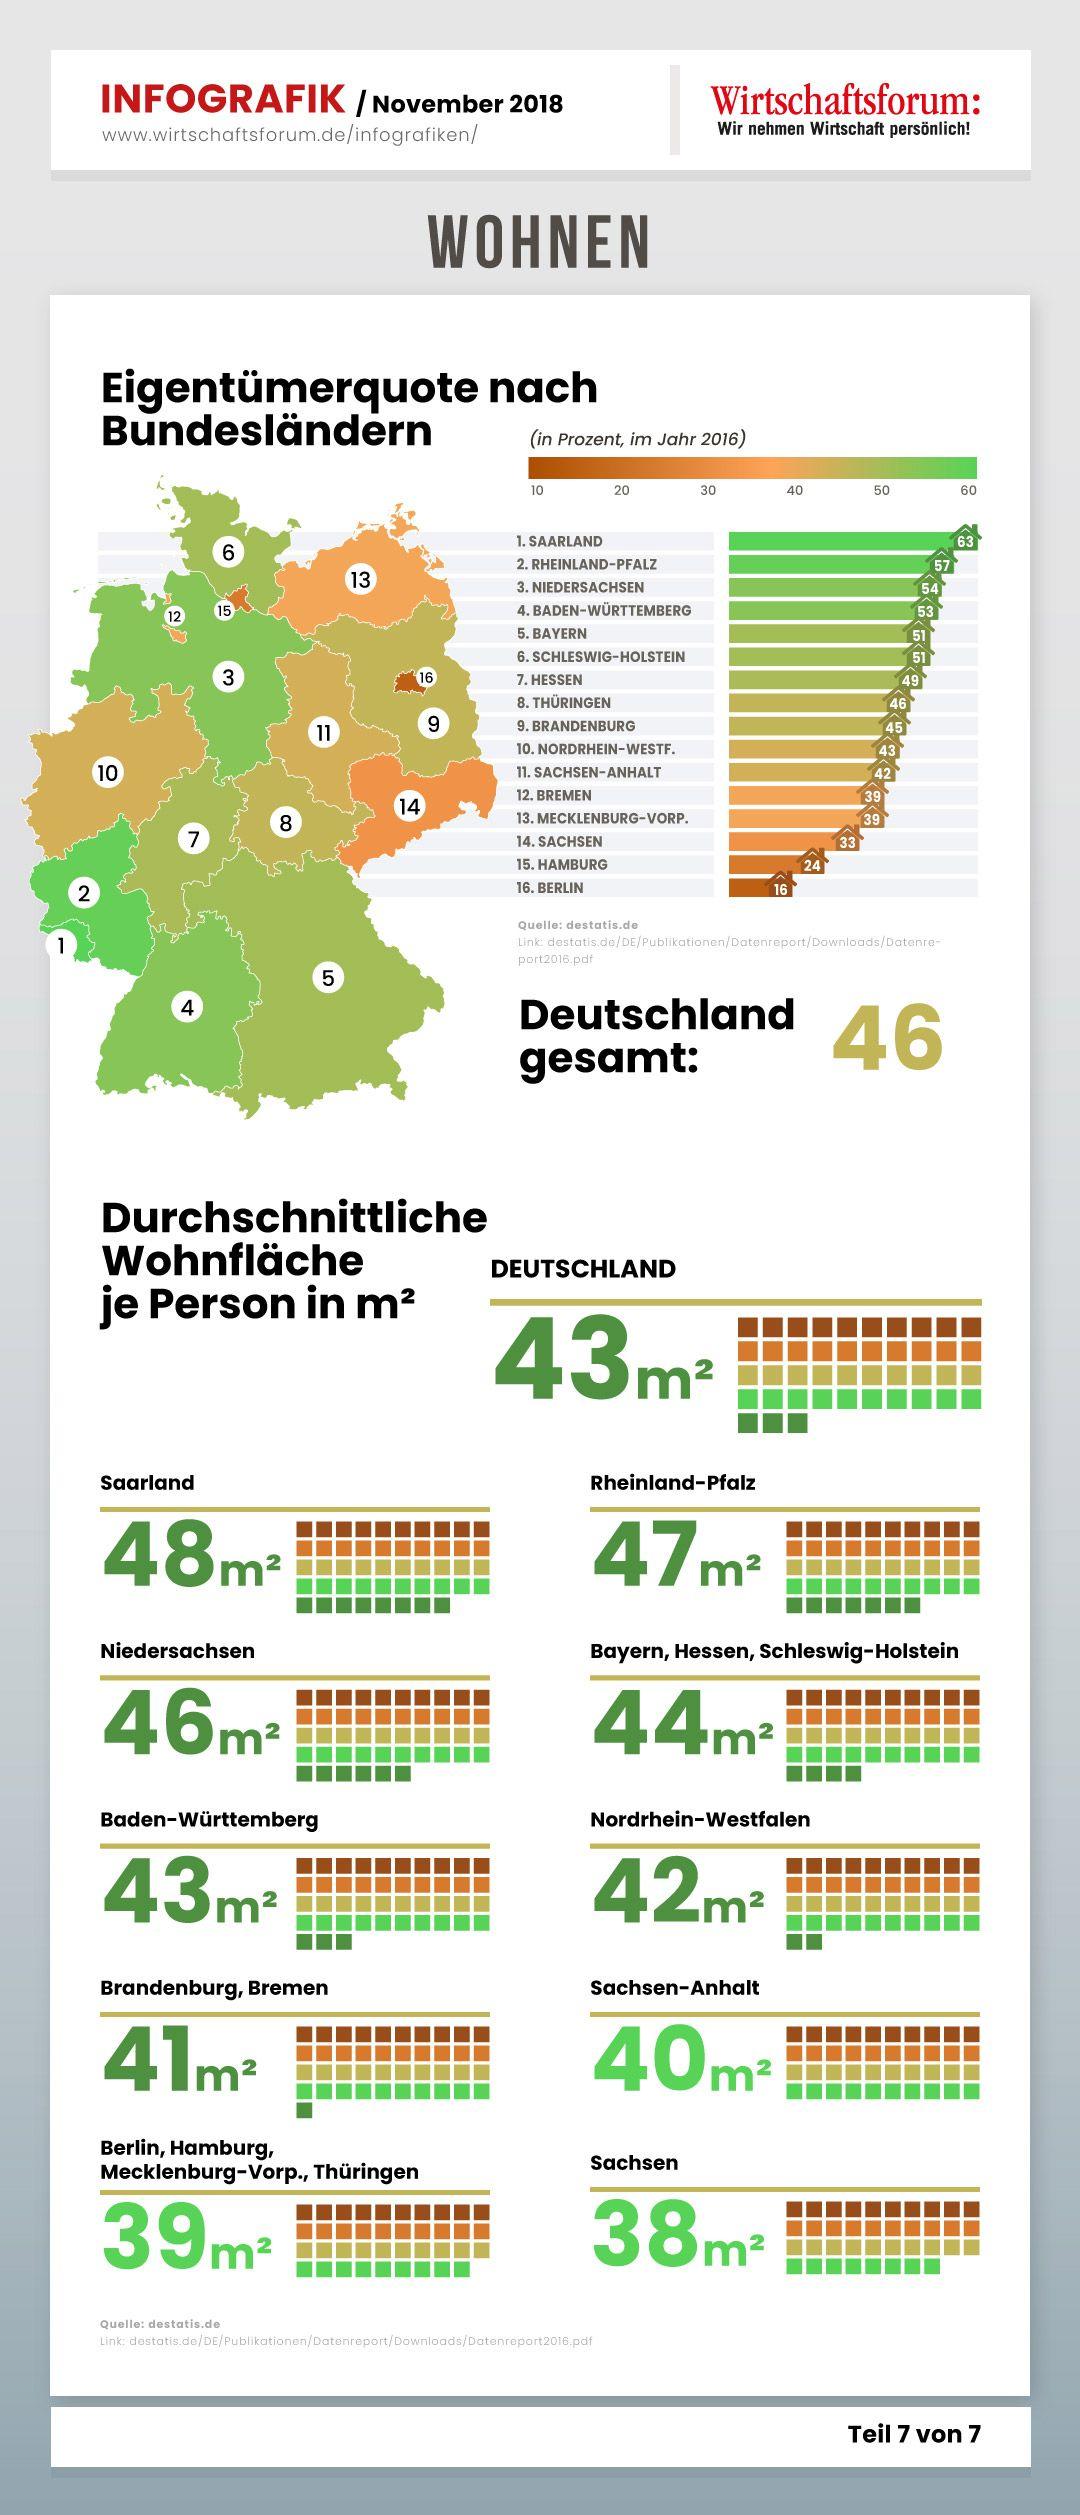 Wo Kann Man Günstig Wohnen In Deutschland